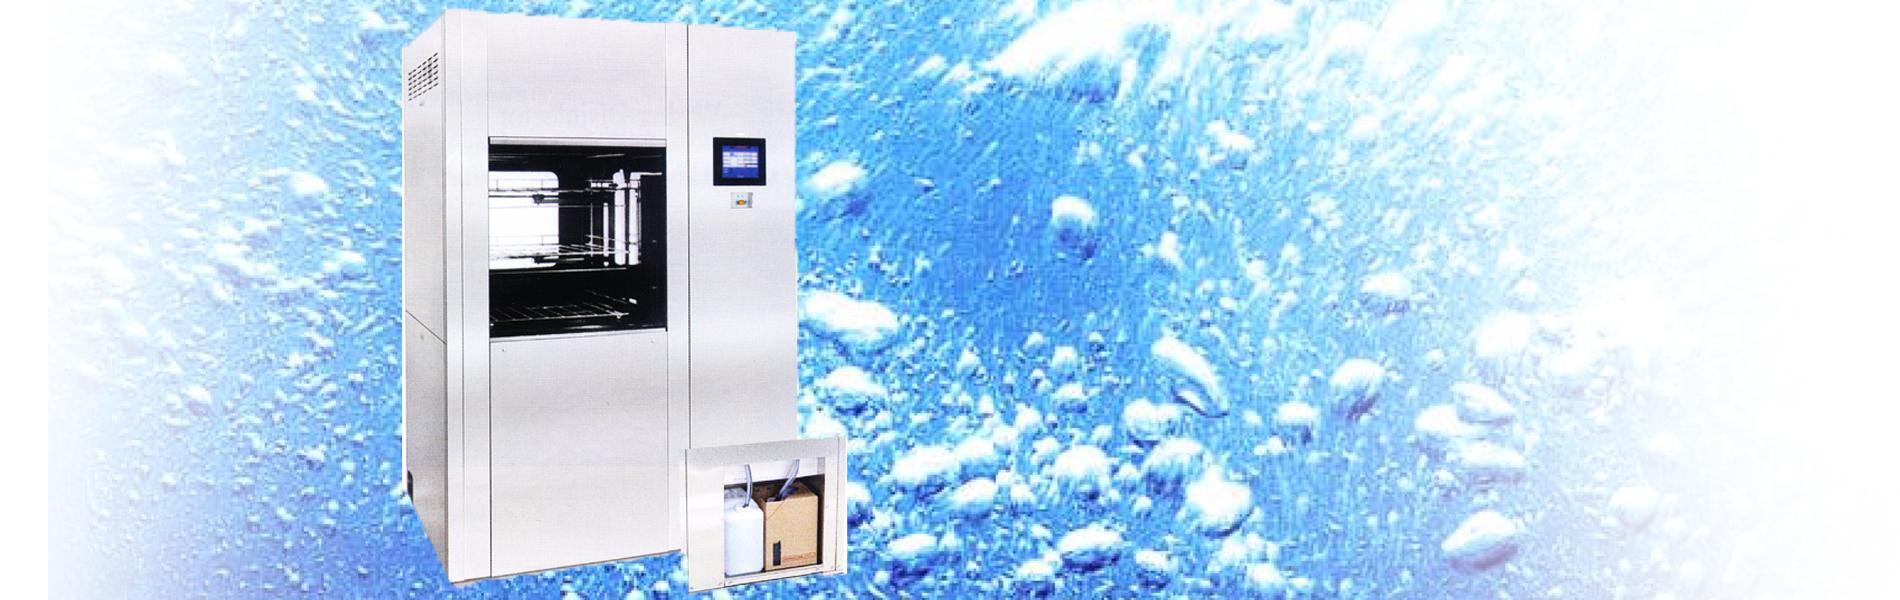 ジェットウォッシャー超音波洗浄装置 HKN series